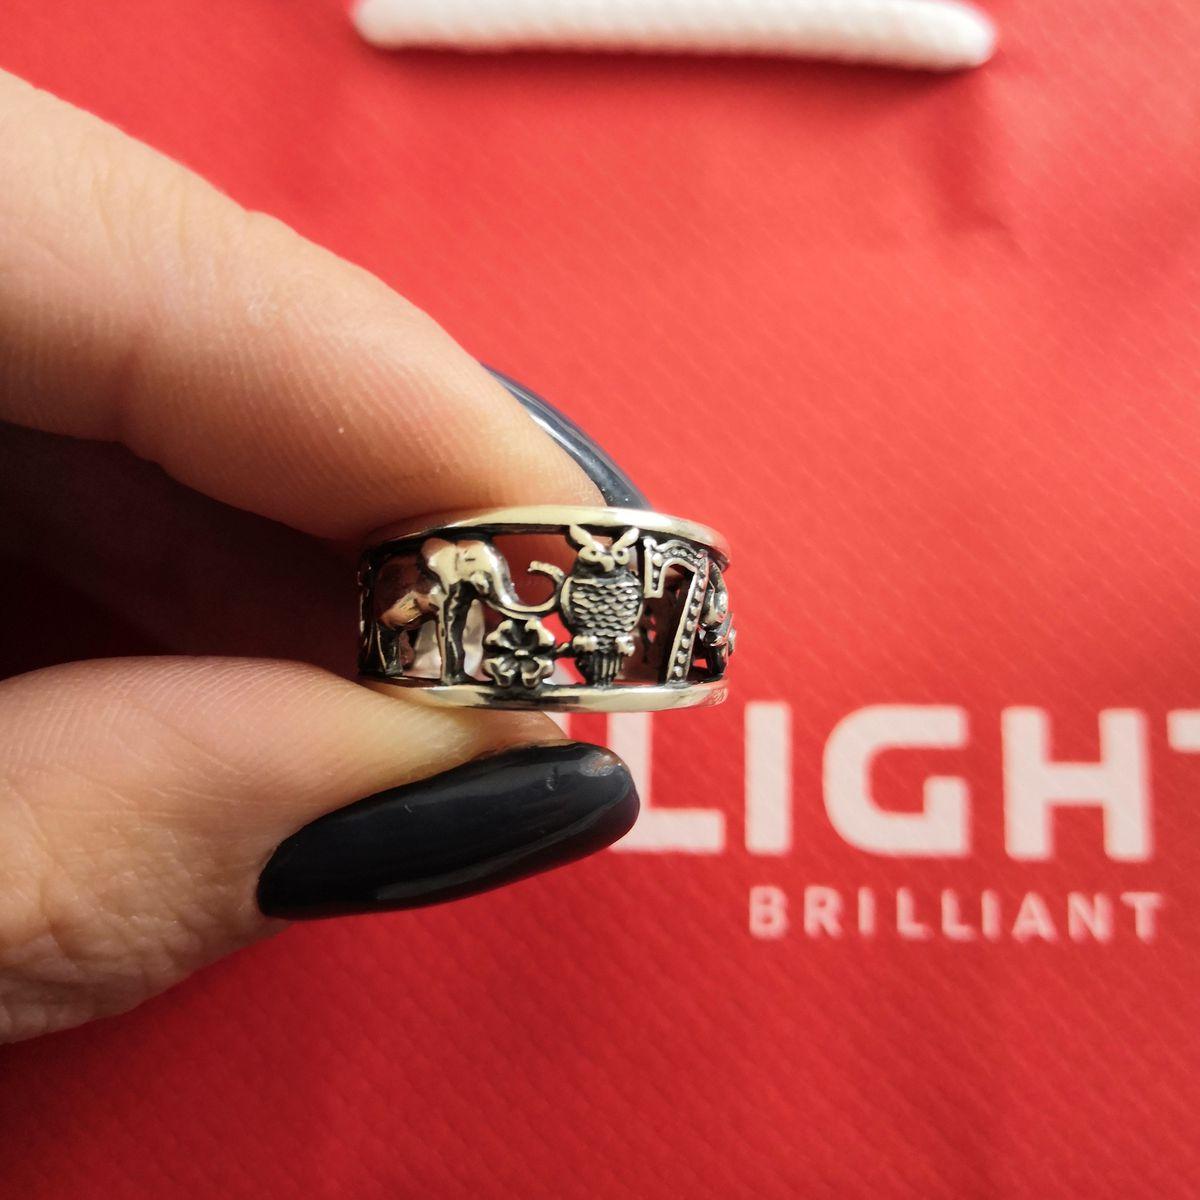 Красивое колечко на большой палец